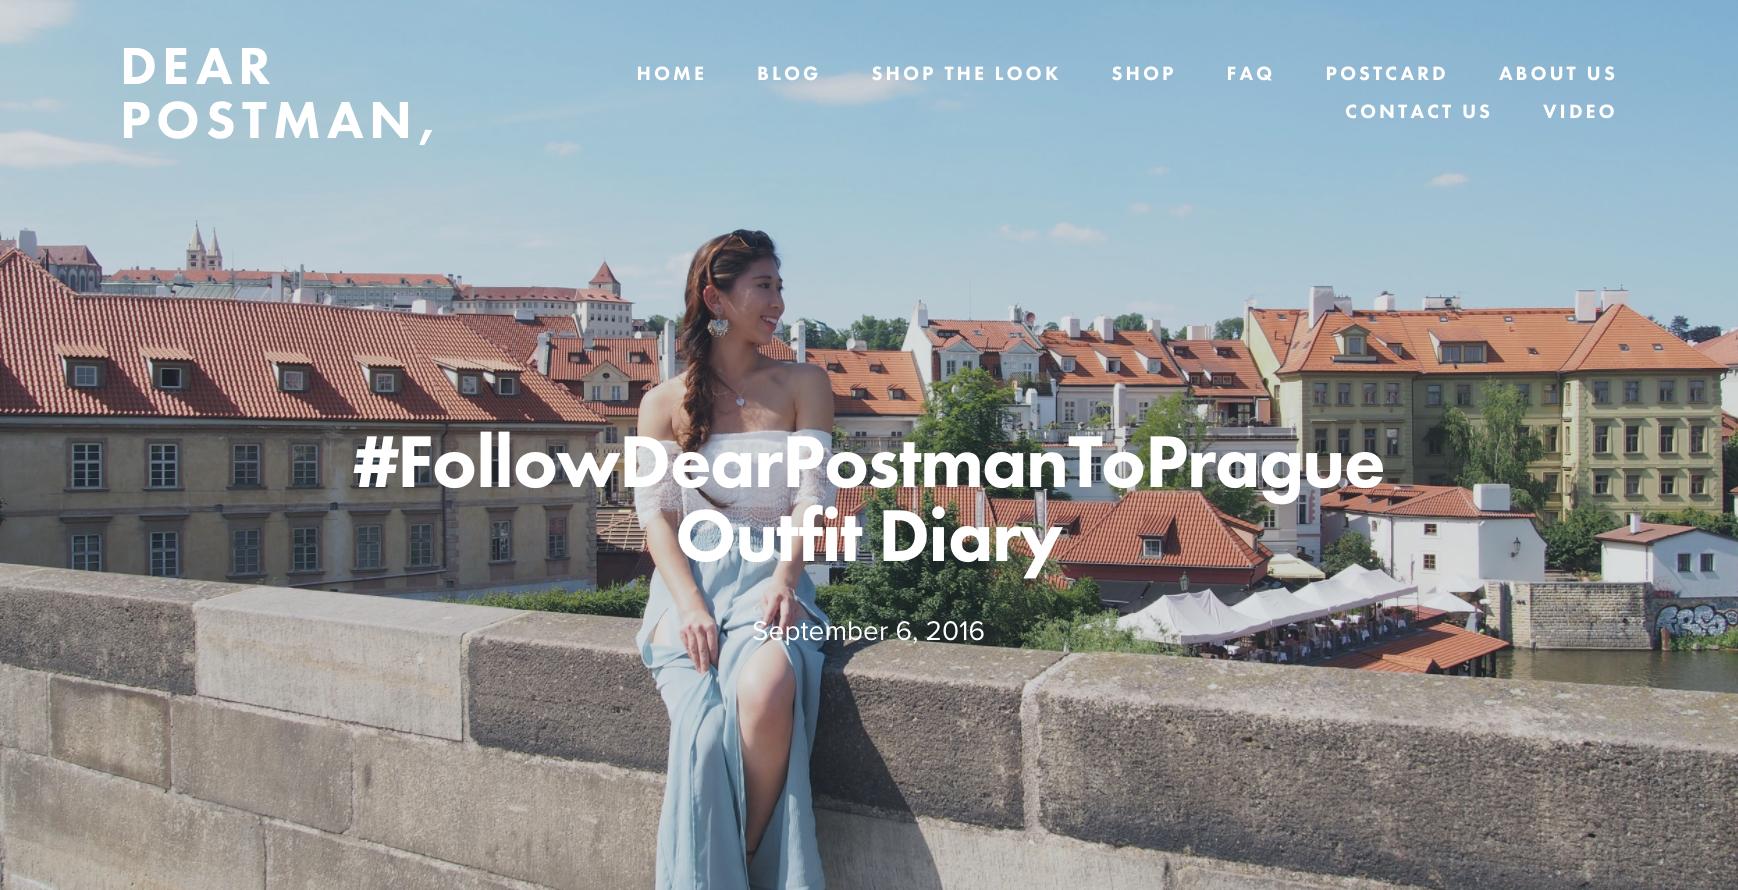 #FollowDearPostmanToPrague Outfit Diary